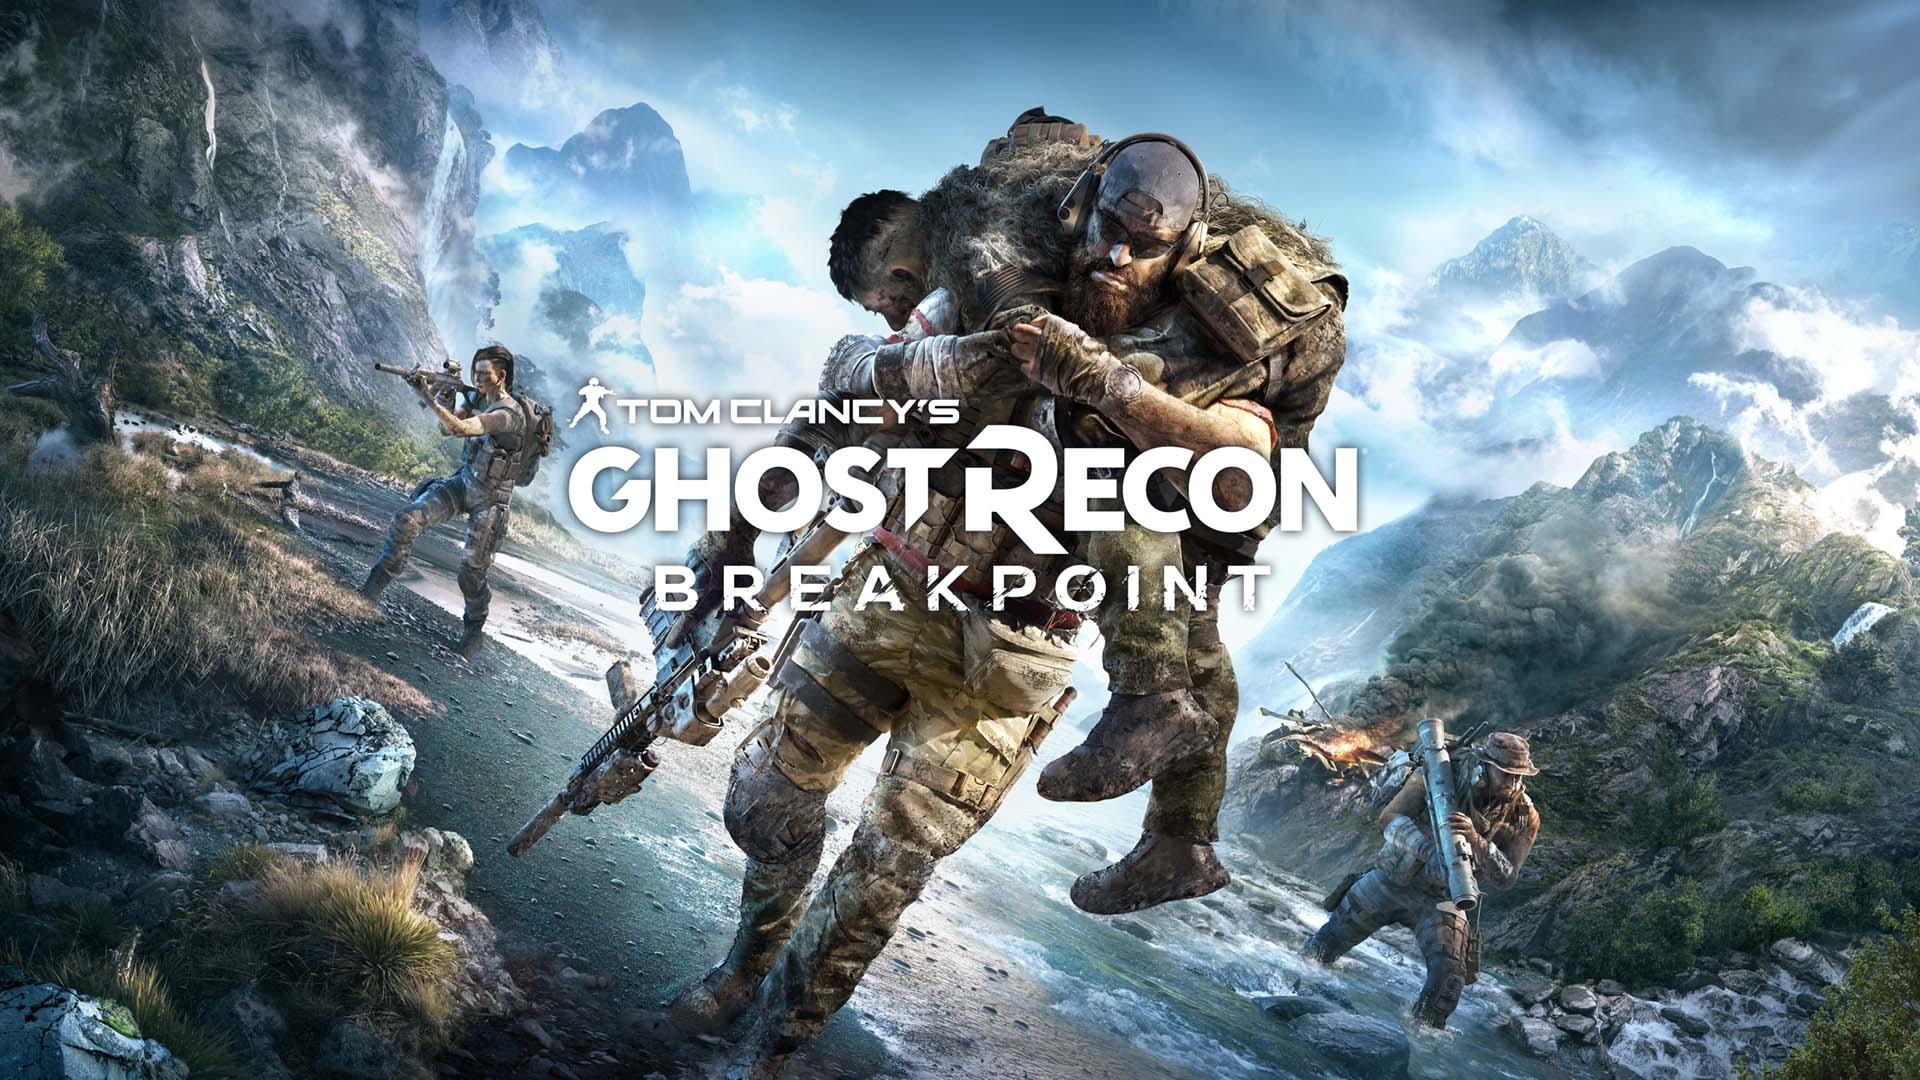 Revisão do Breakpoint Ghost Recon de Tom Clancy